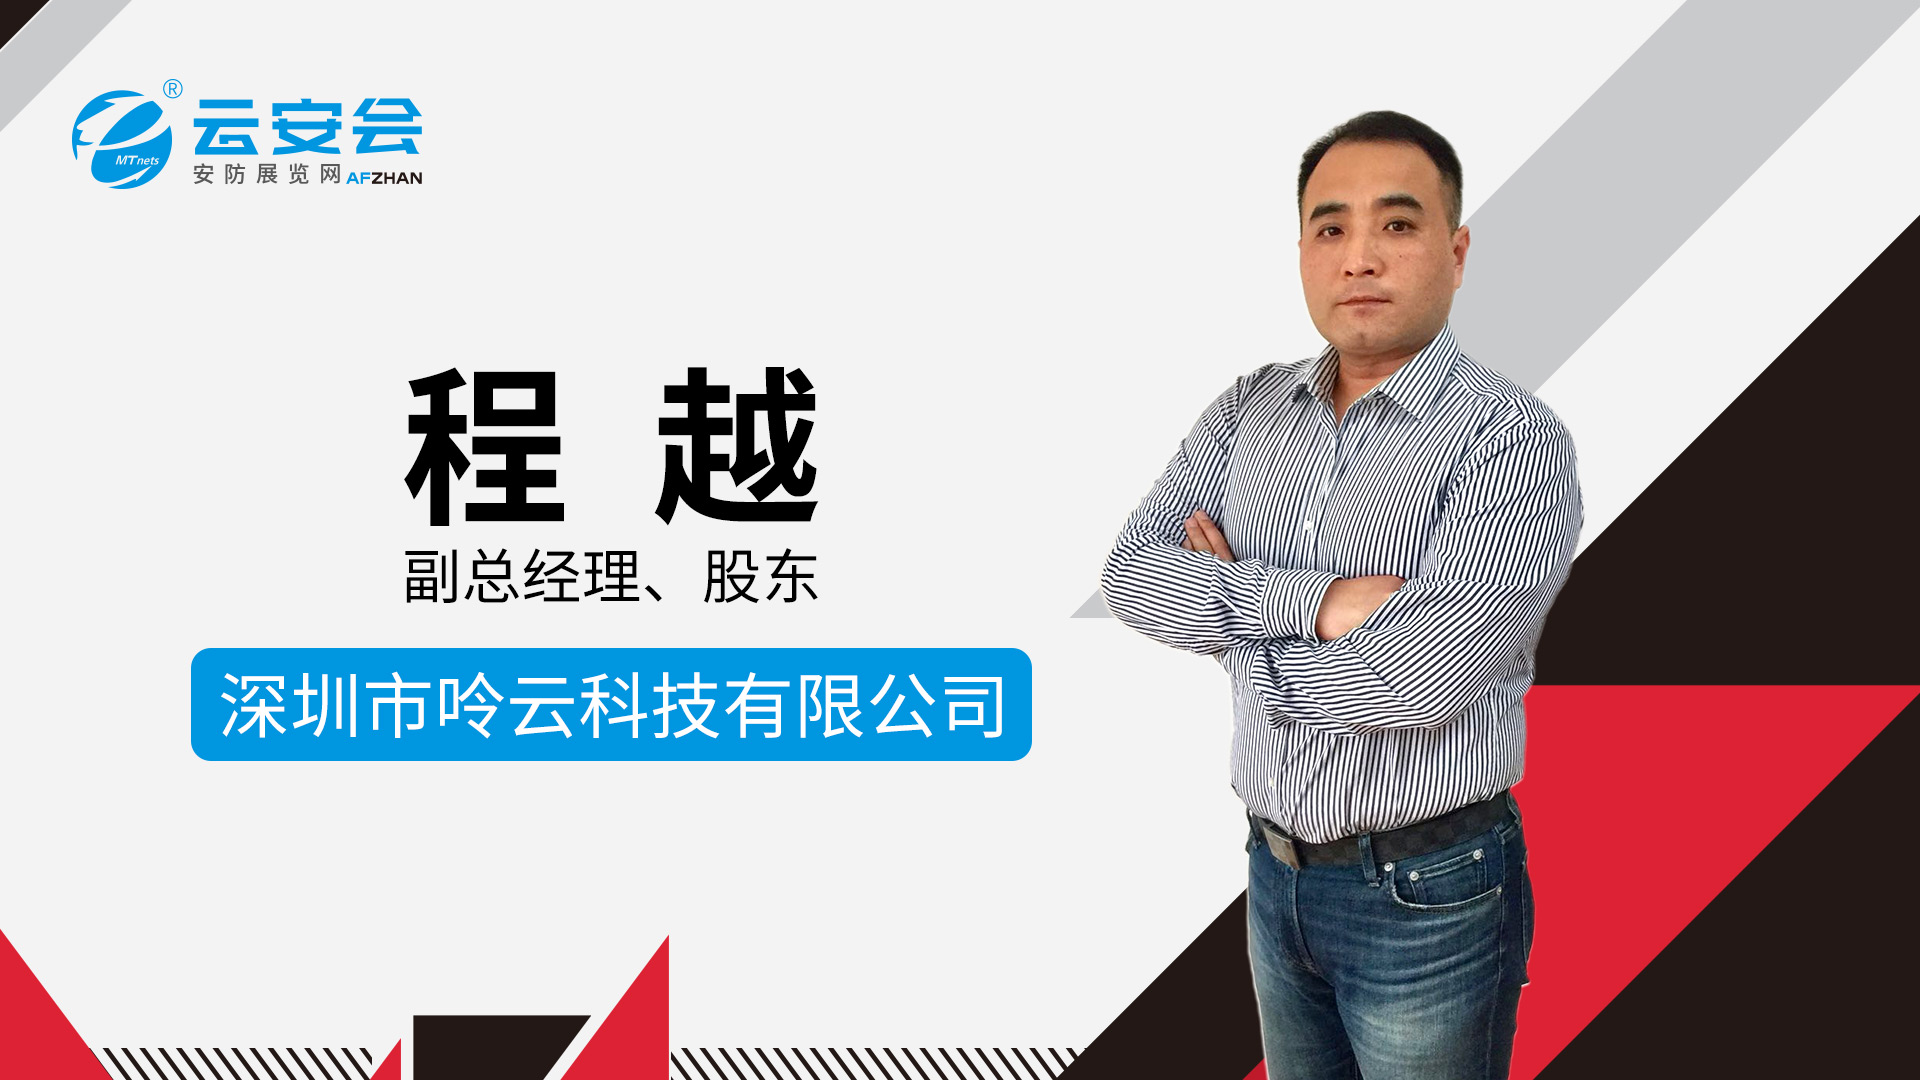 云访谈-专访深圳市呤云科技有限公司副总经理程越